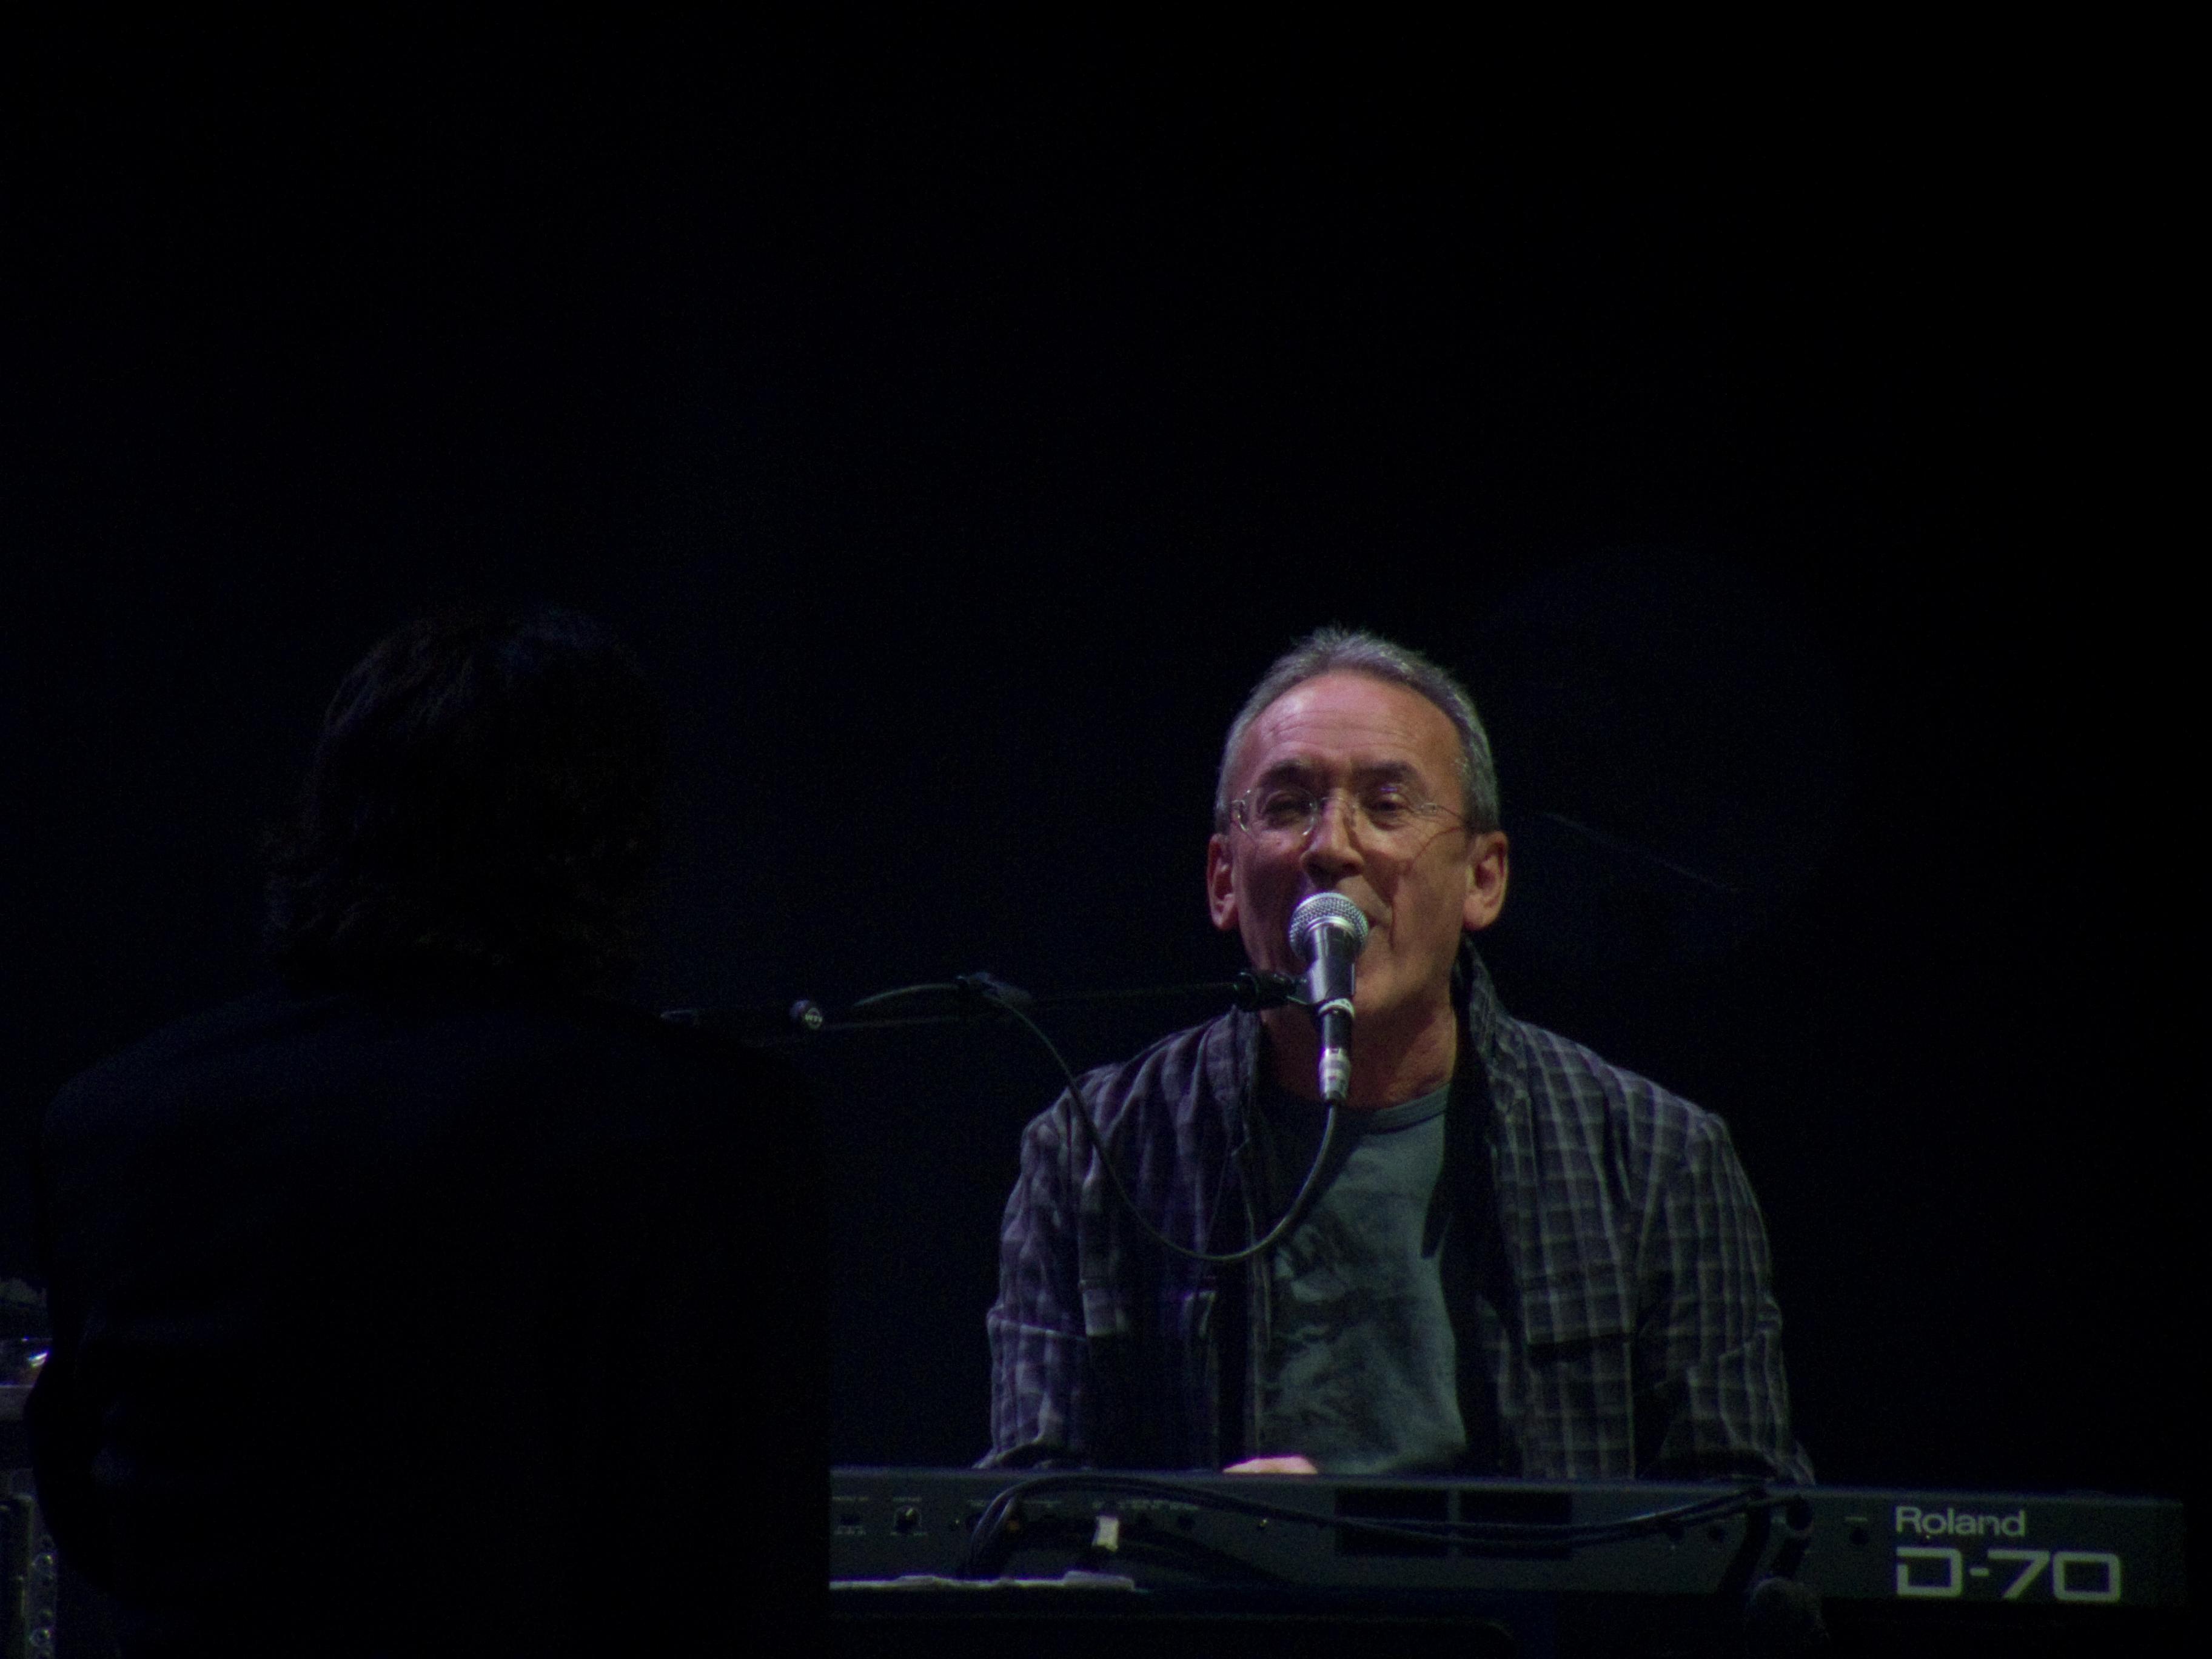 Antonio García de Diego durante un concierto en Madrid de la gira ''Vinagre y rosas'' de Joaquín Sabina.